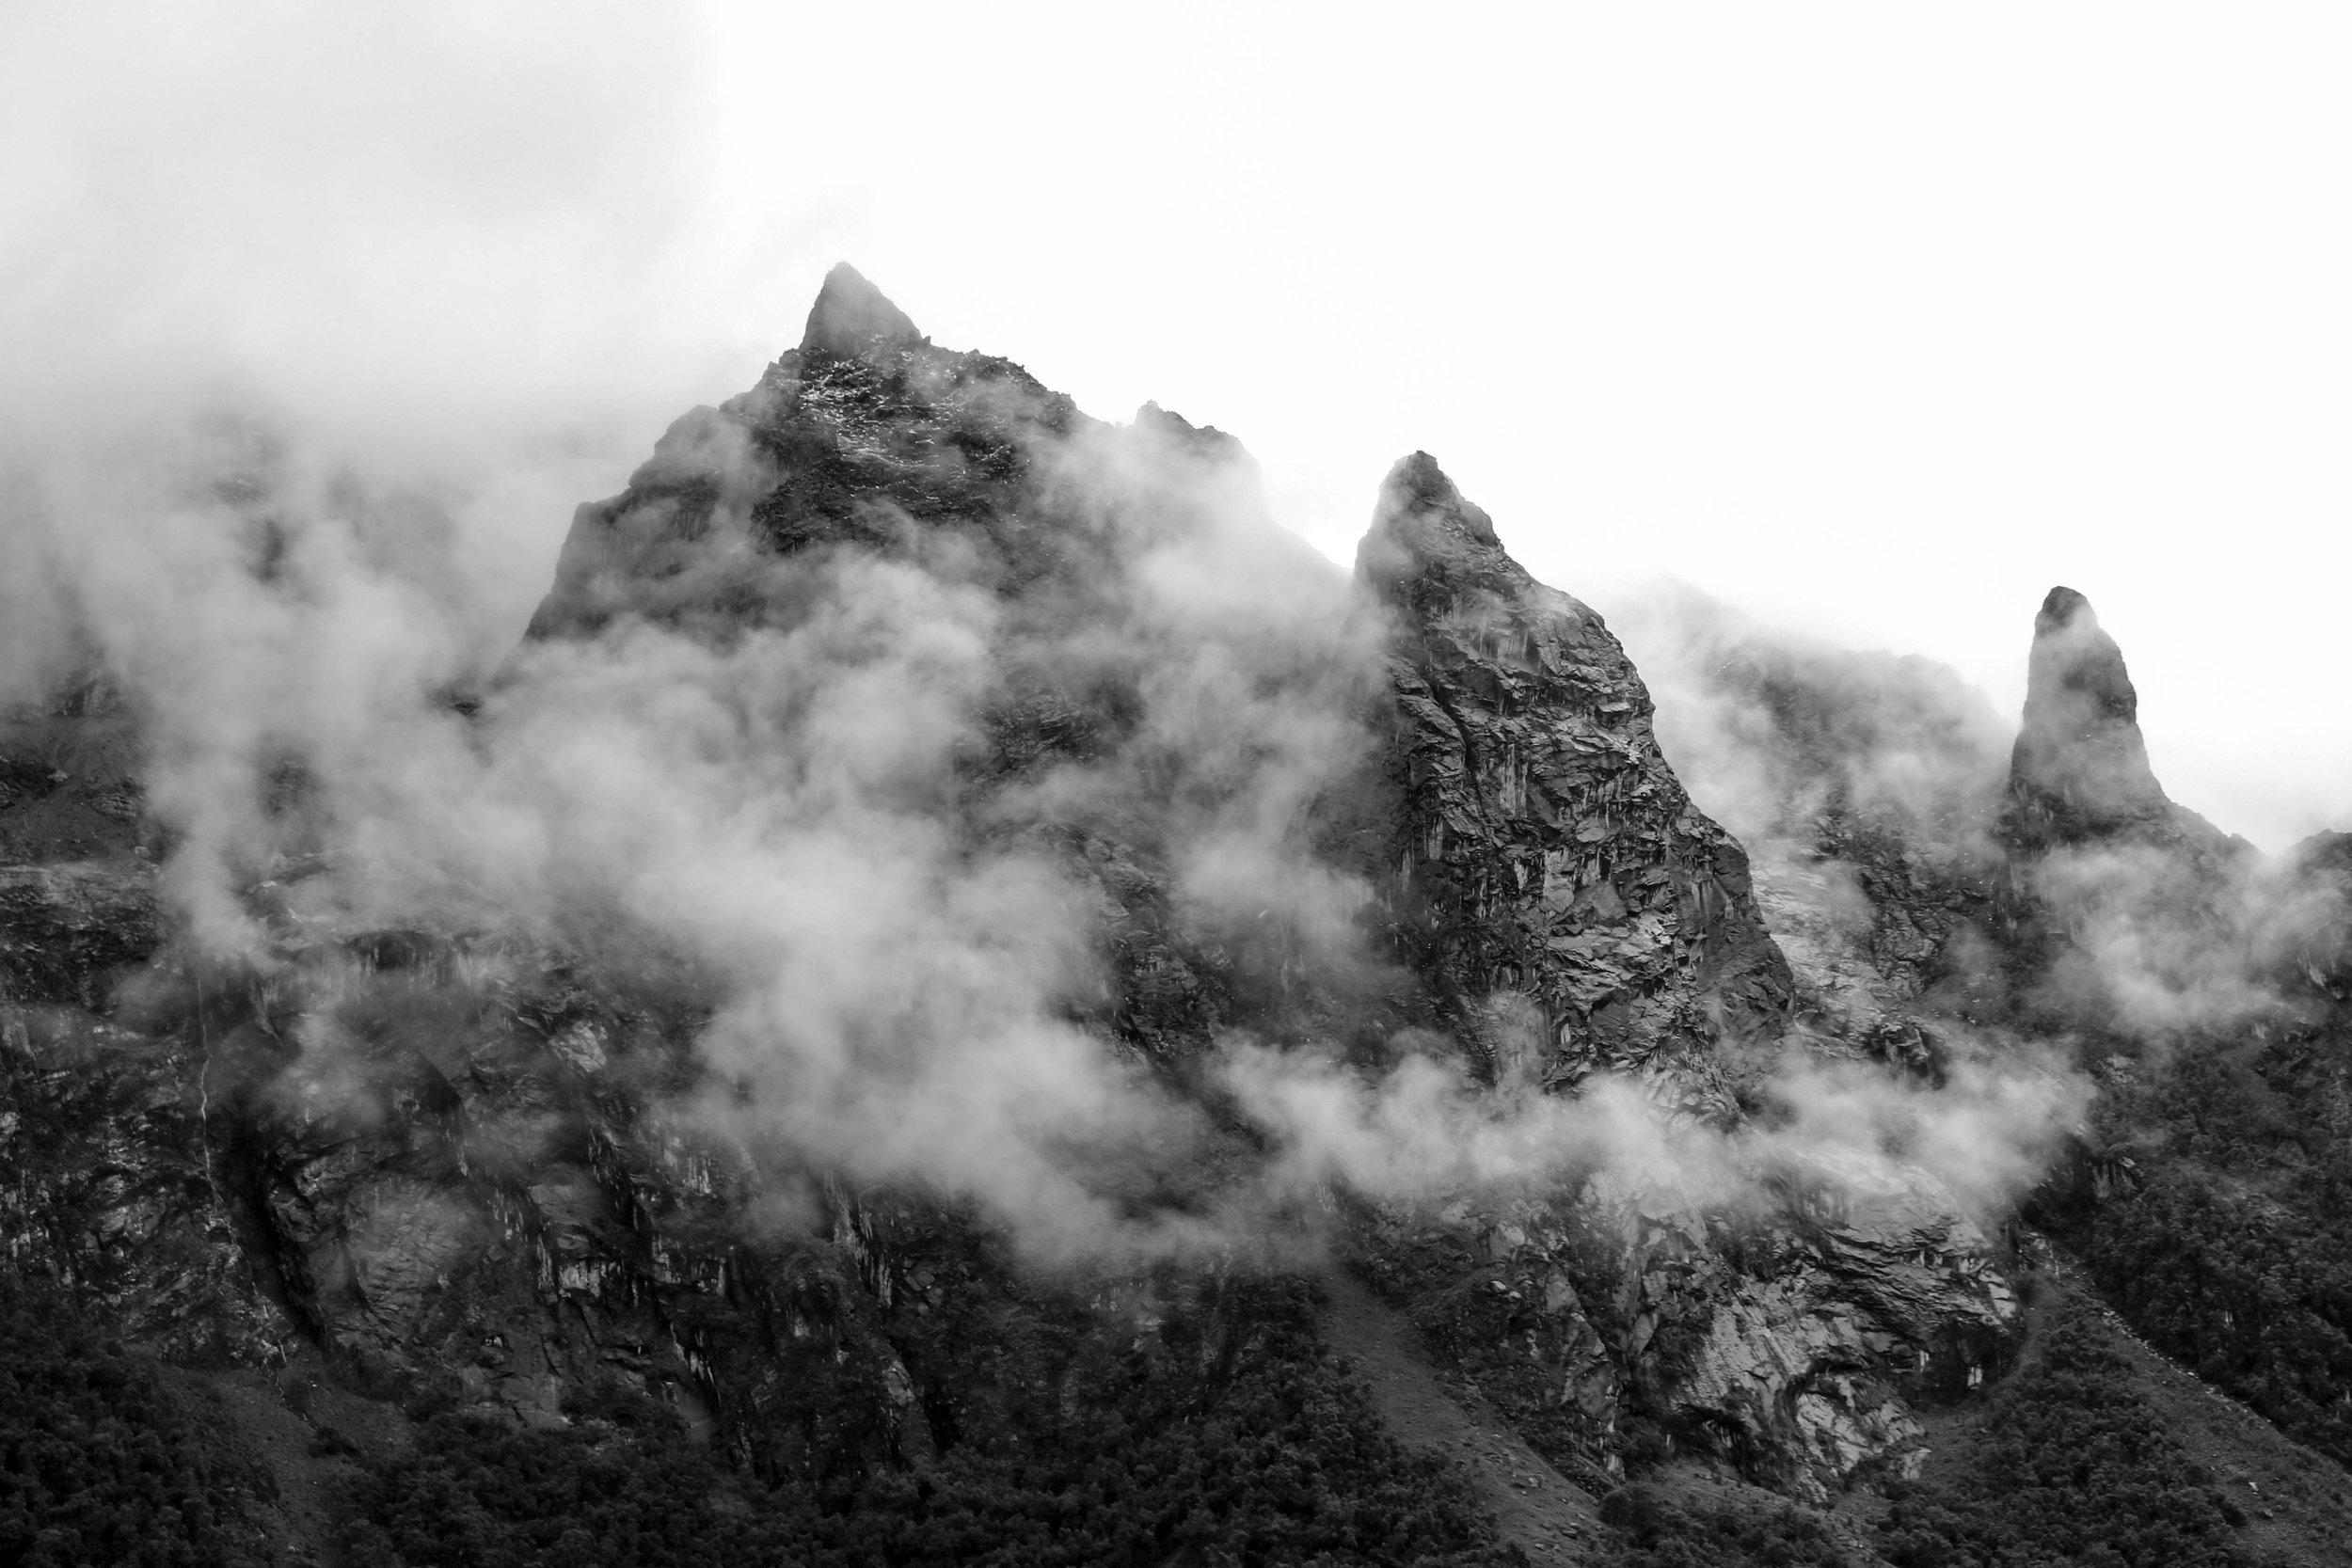 Sharp Rock and Soft Cloud, Peru